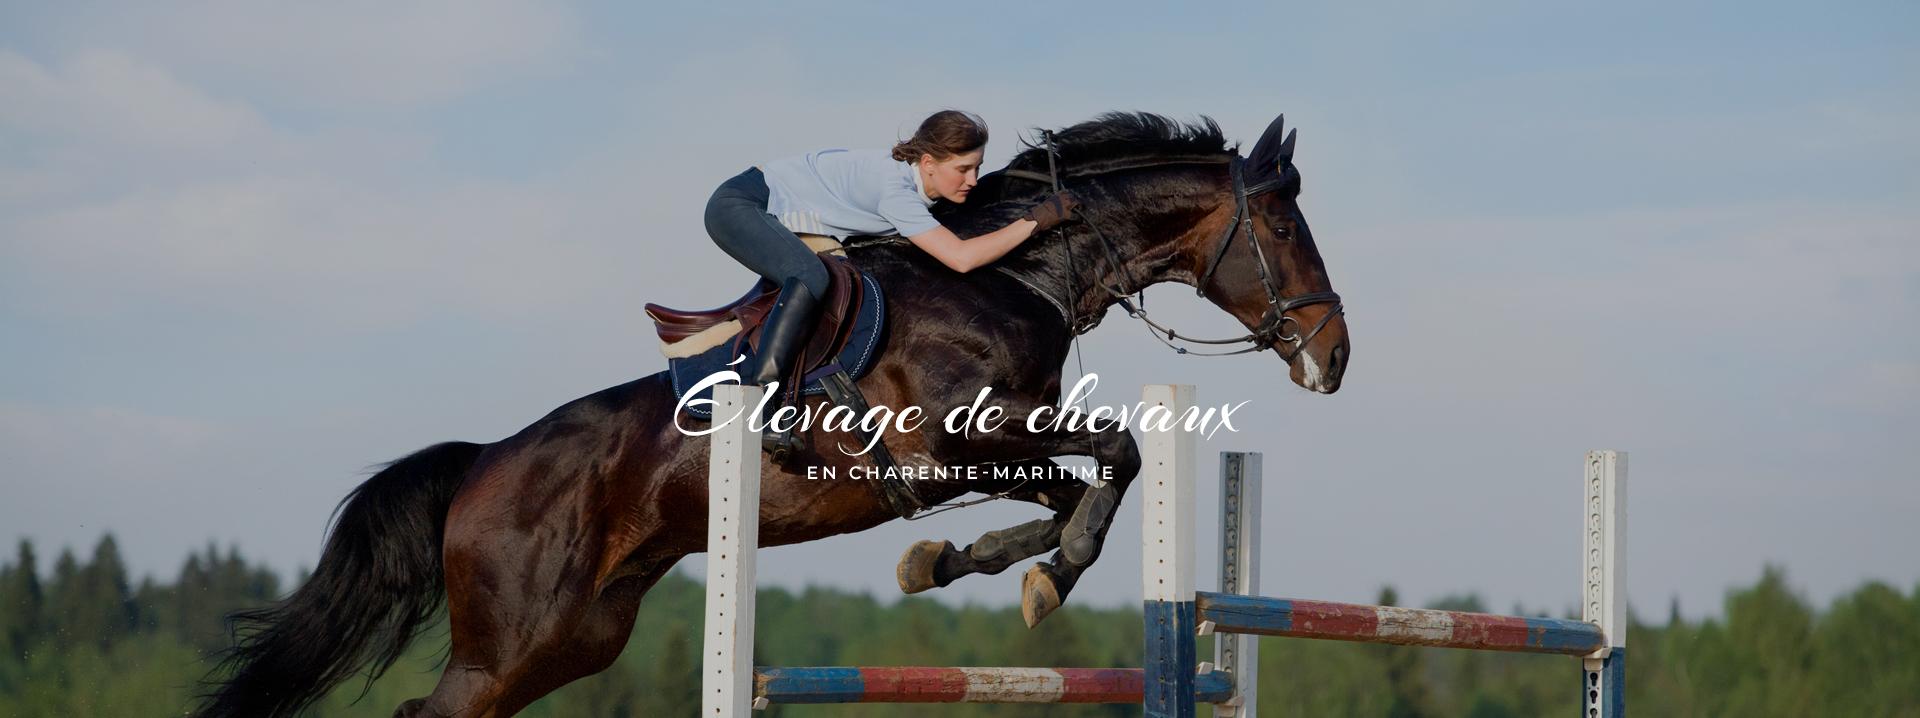 elevage chevaux ricou